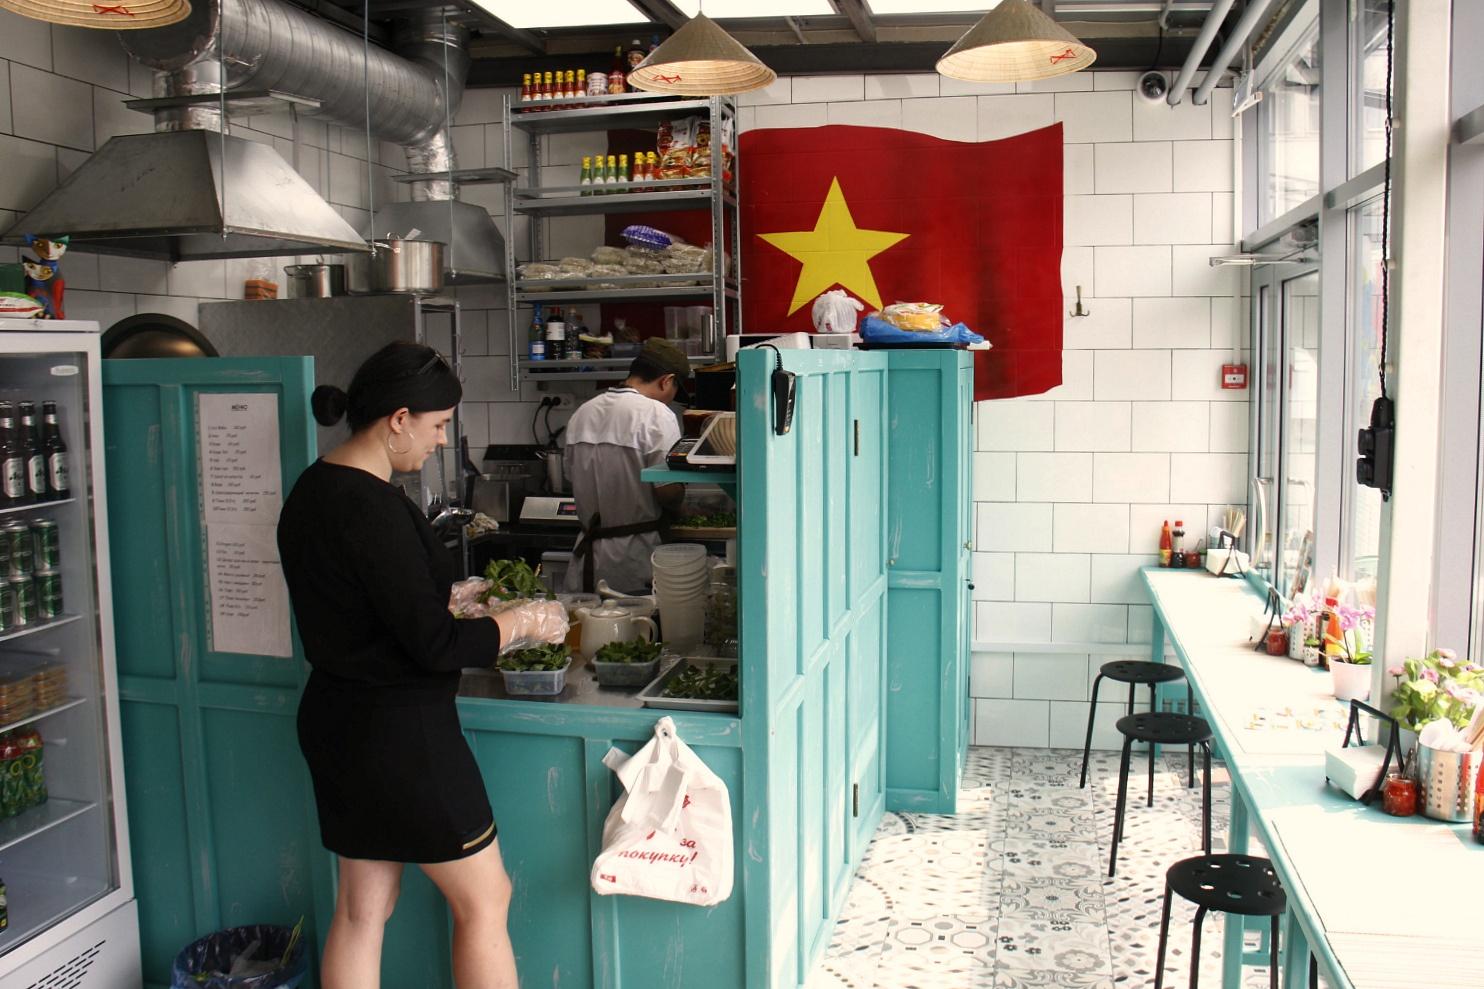 В закусочной Pho посадочные места есть не только внутри, но и снаружи